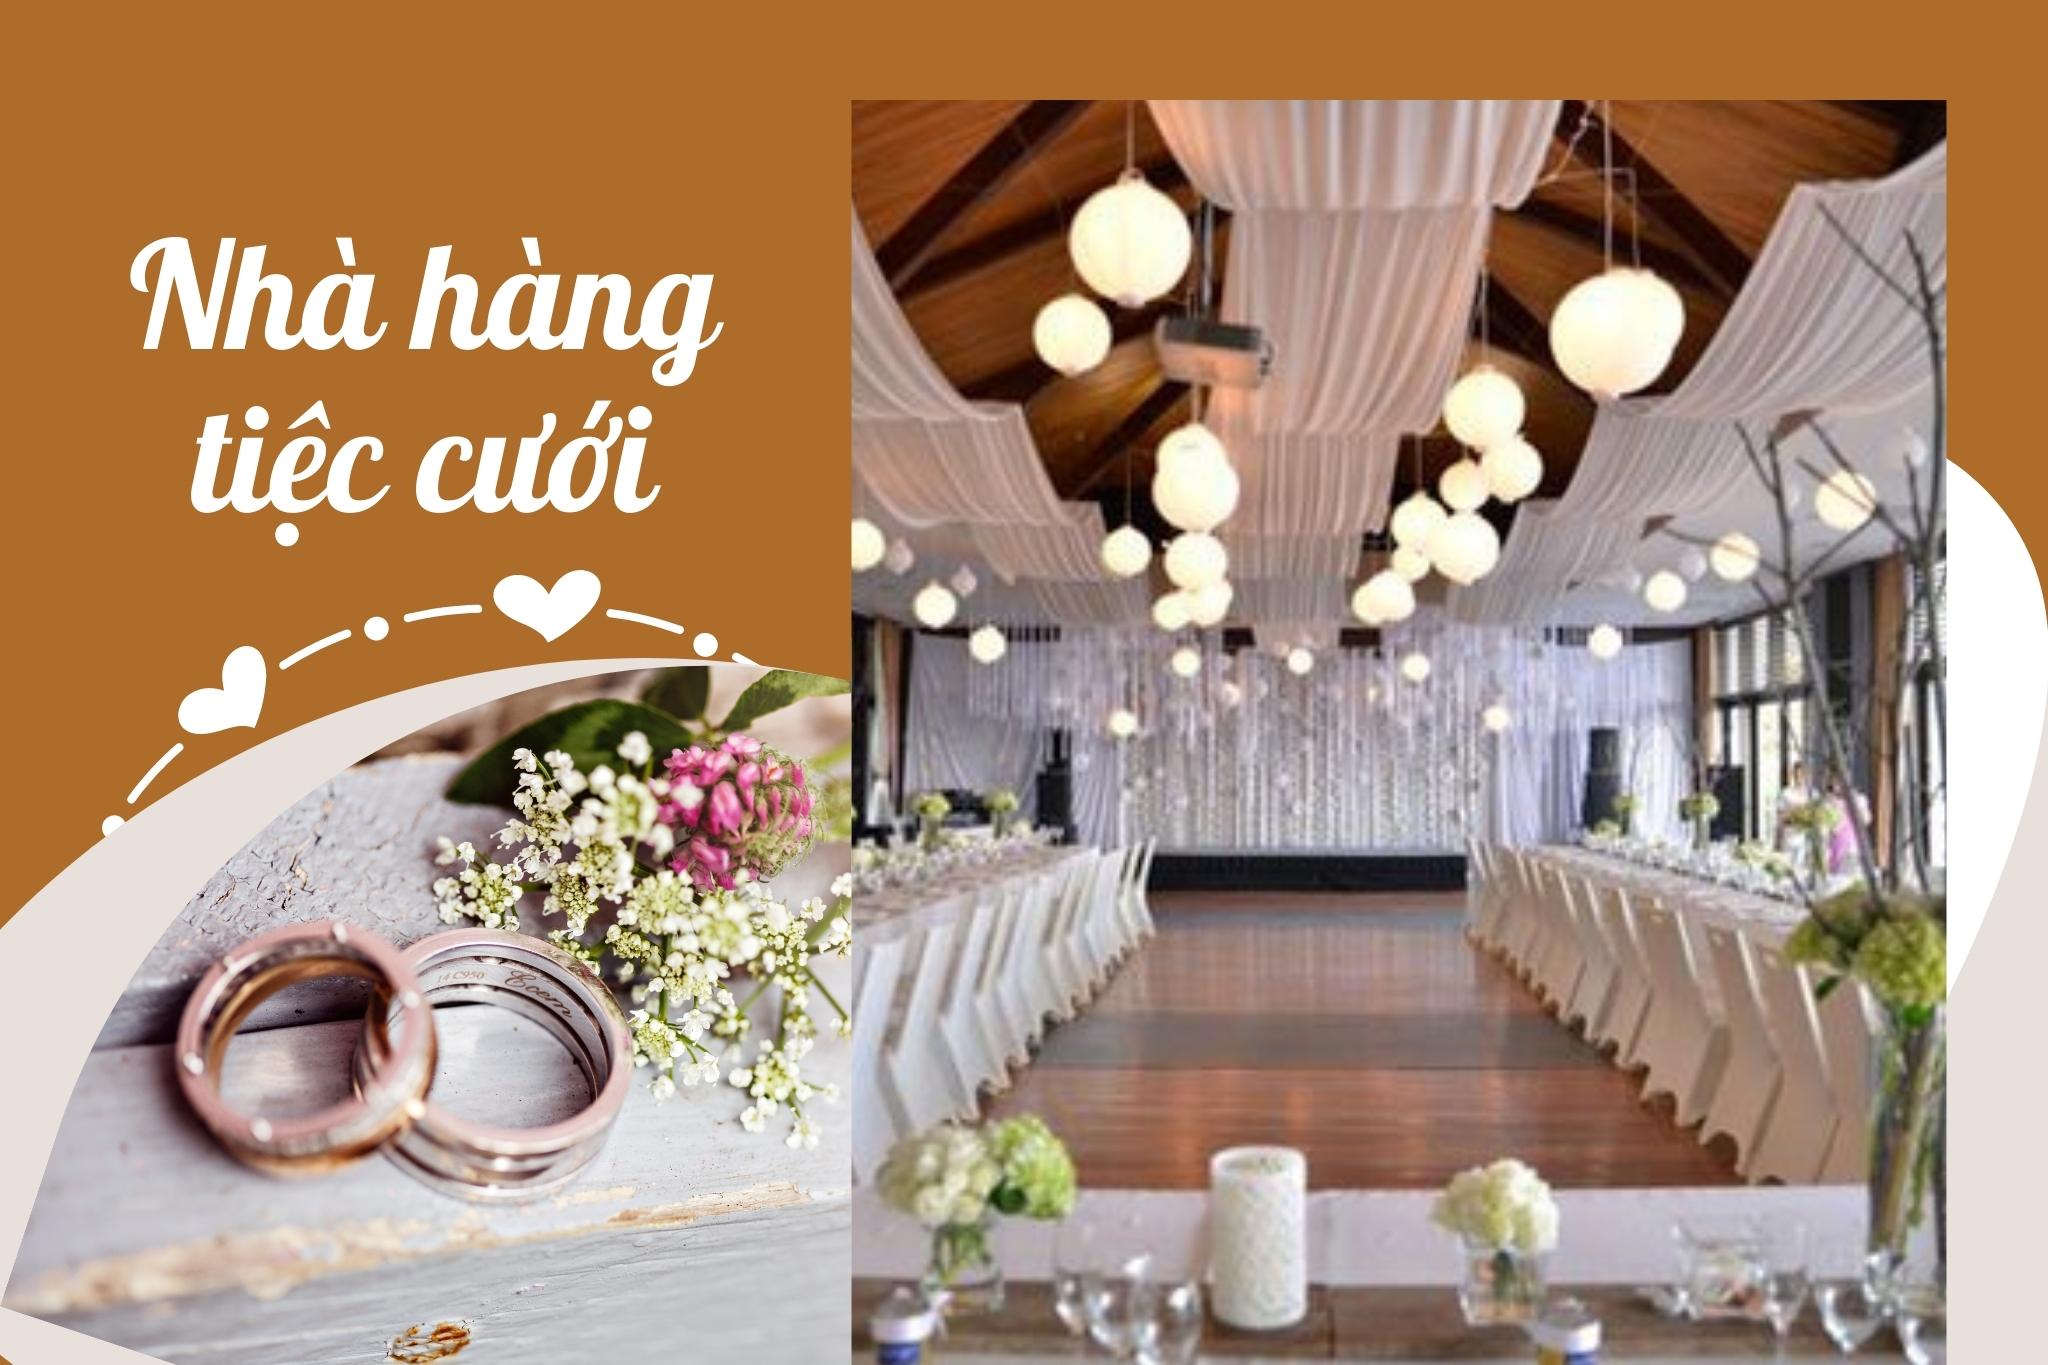 Tư vấn thiết kế nhà hàng tiệc cưới